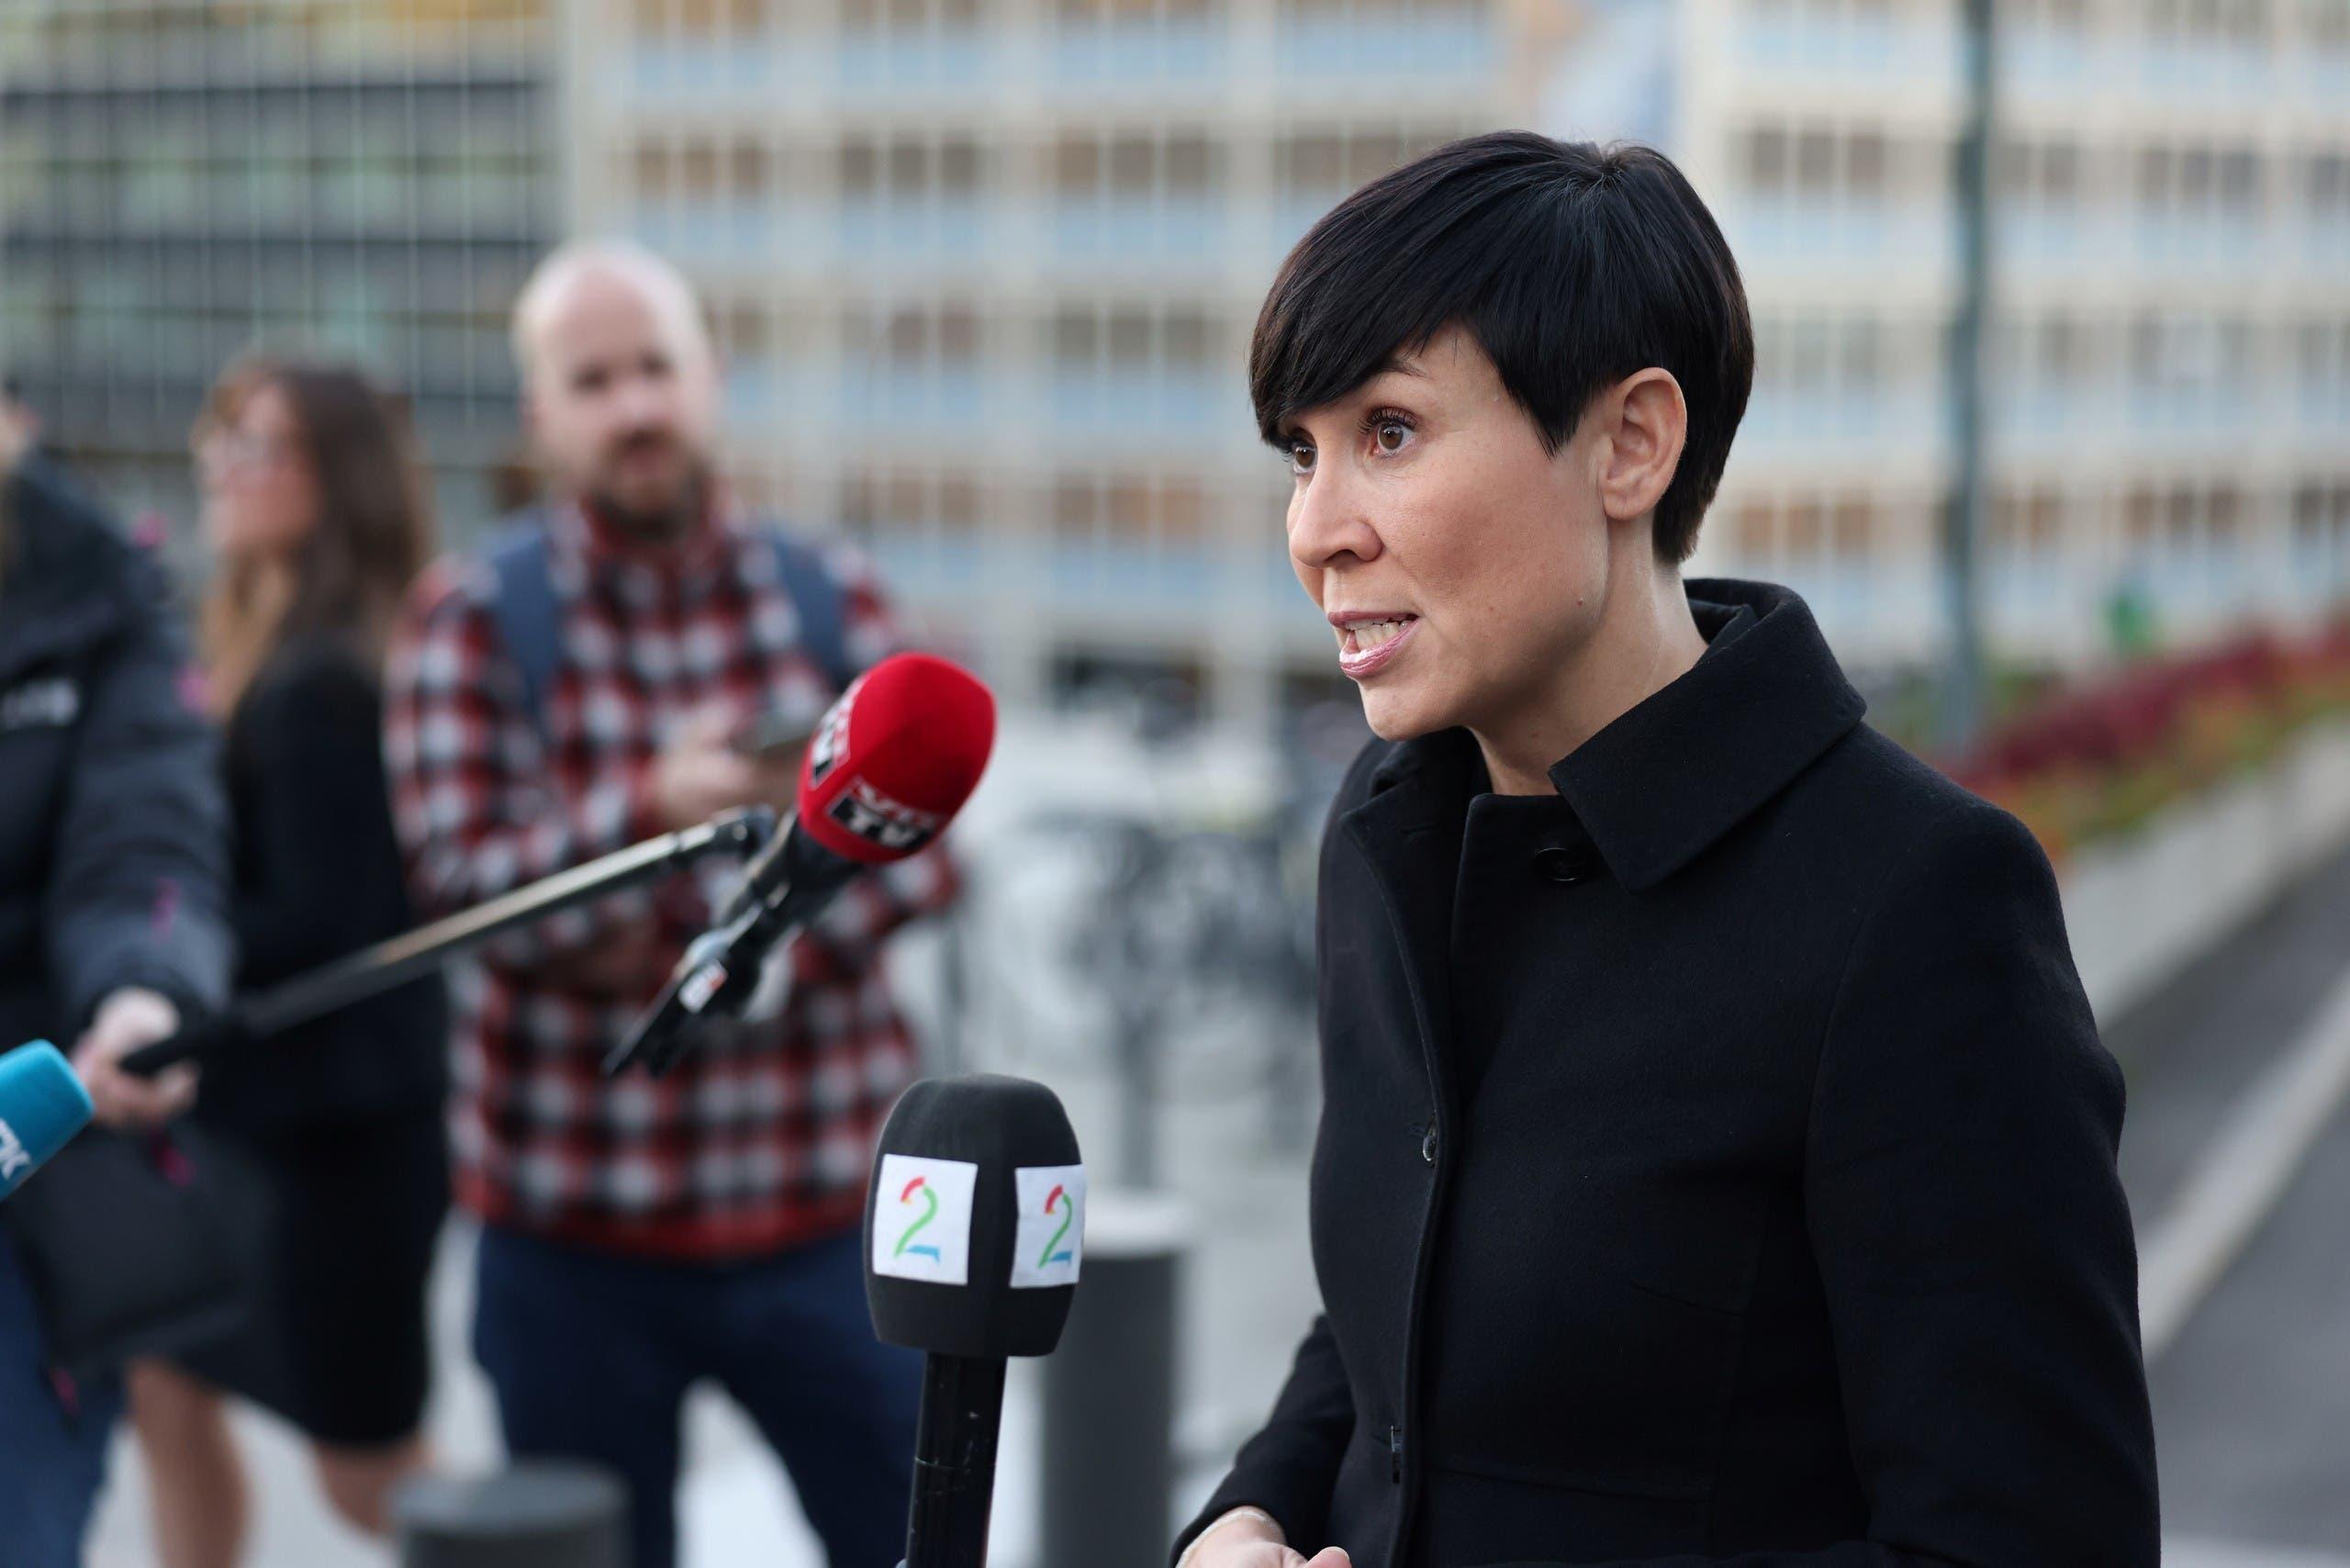 وزيرة الخارجية النروجية إينيه إريكسين سوريدي